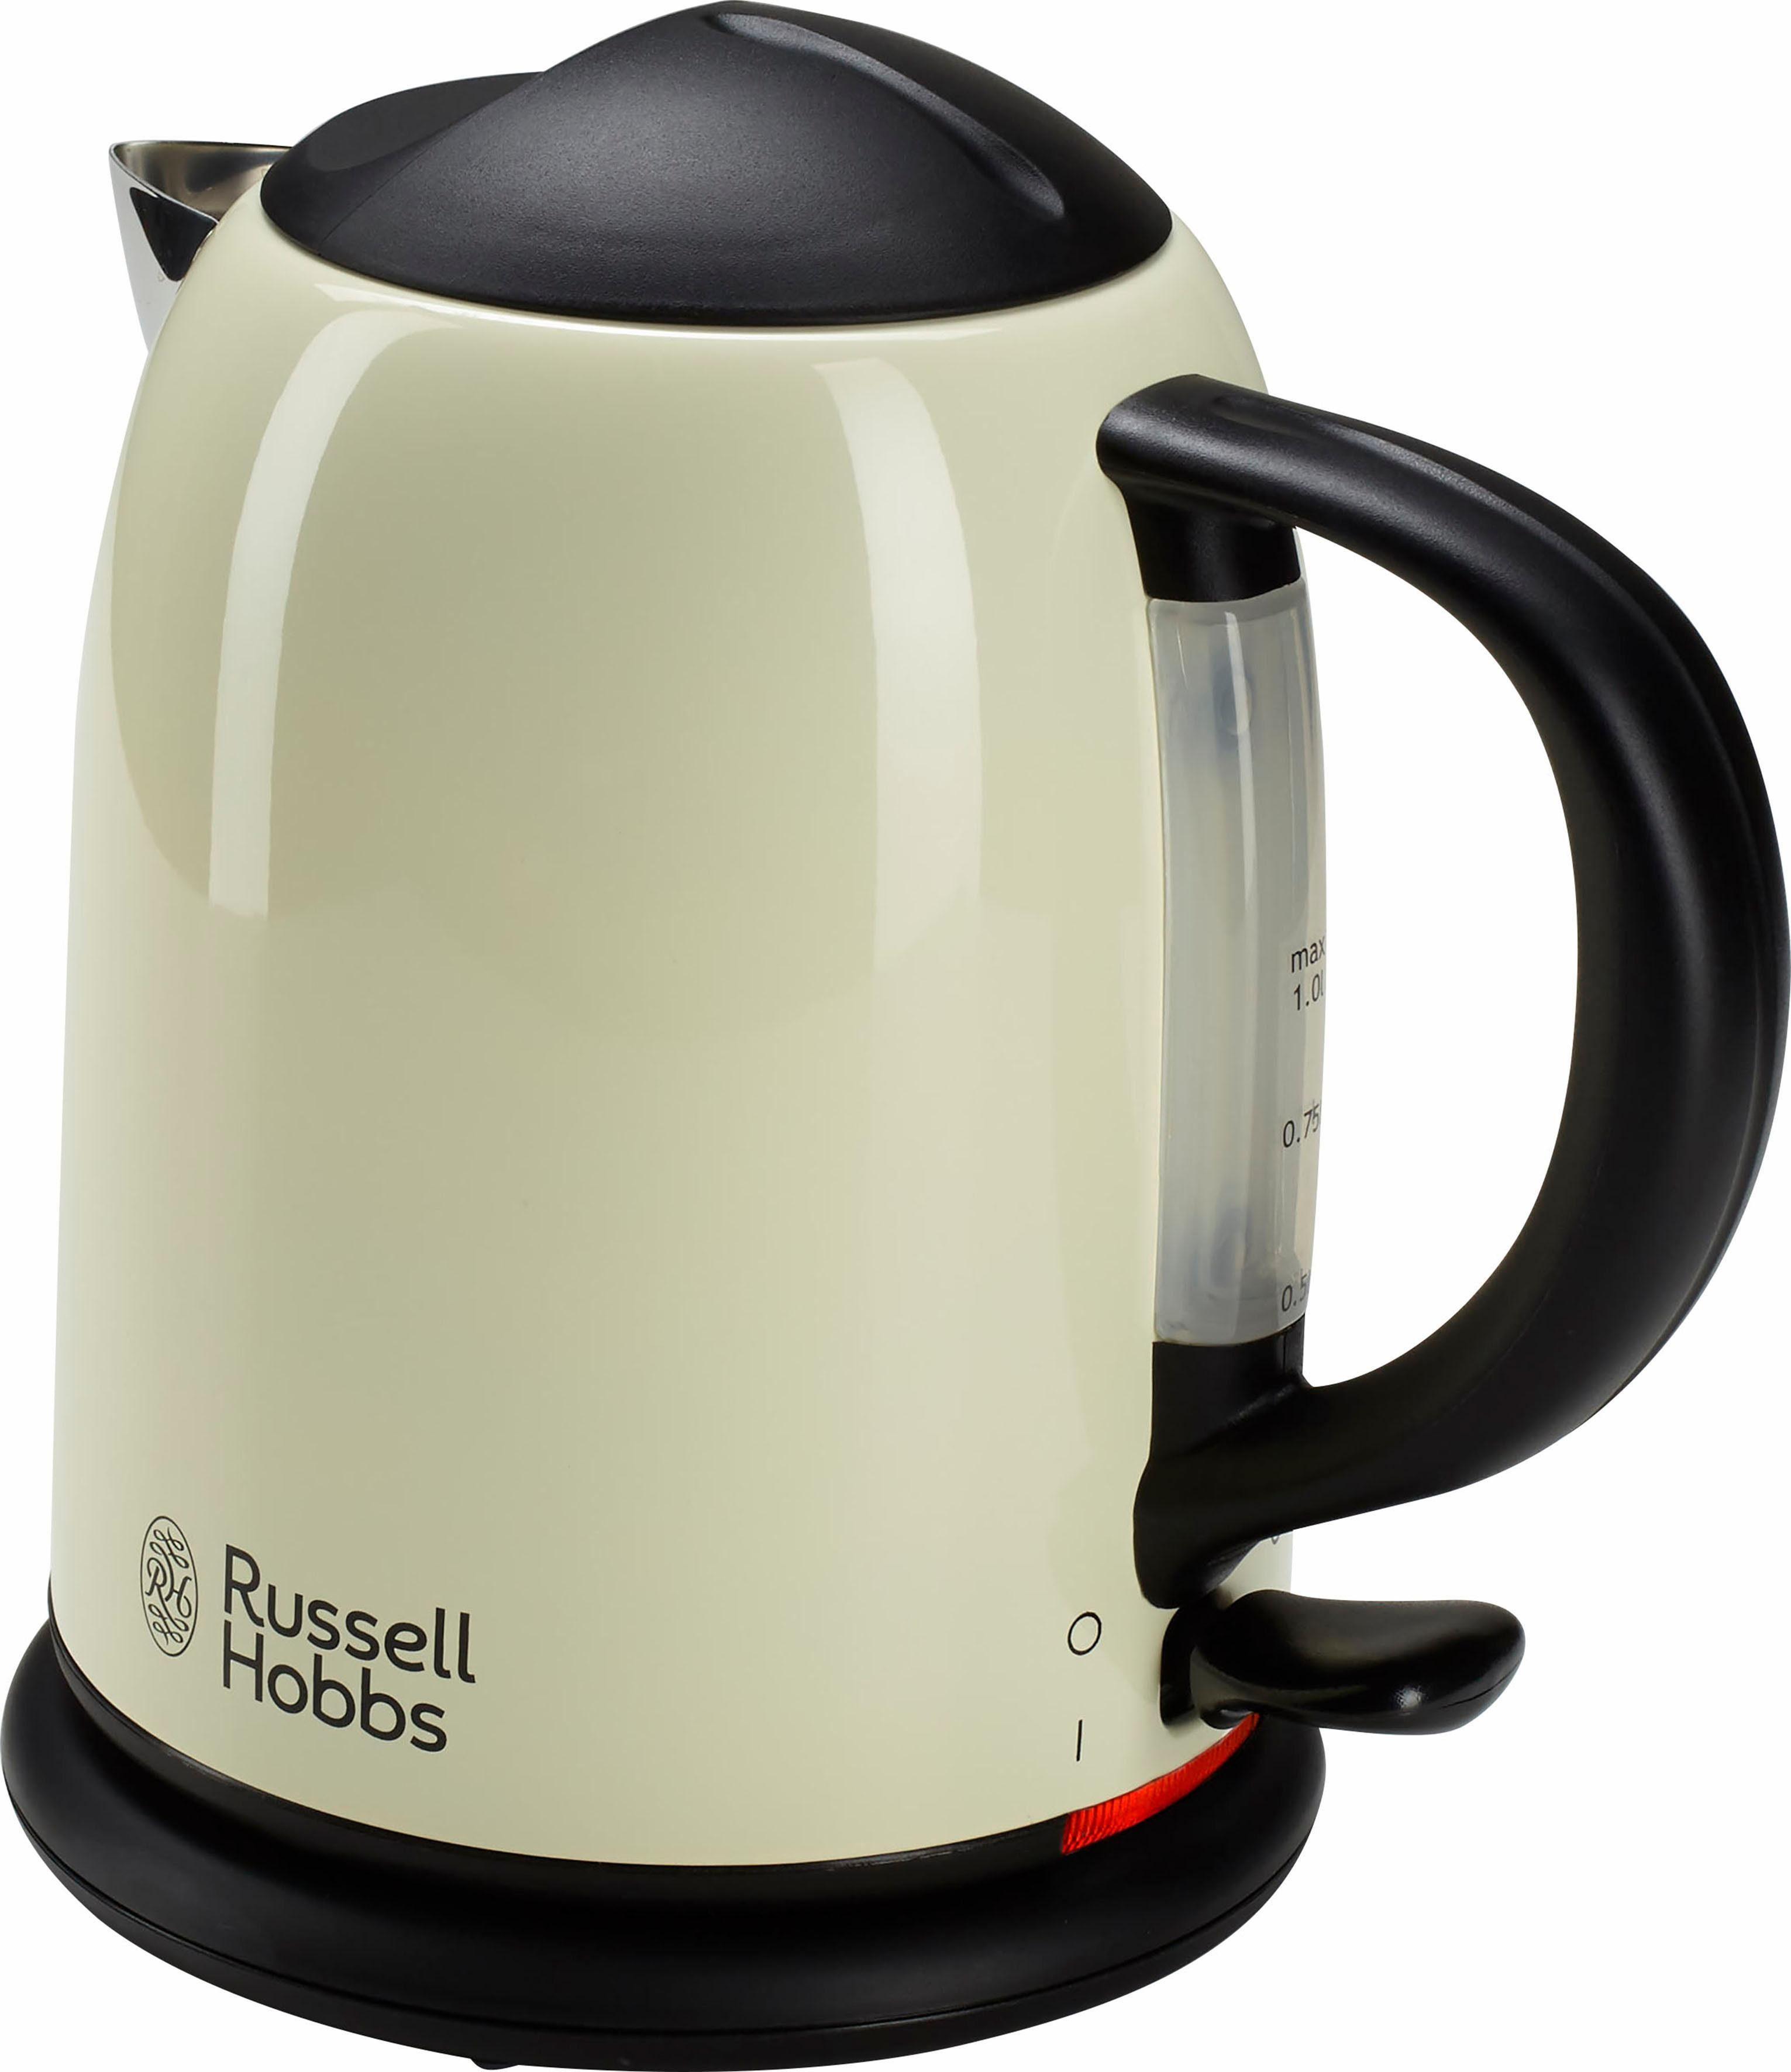 Russell Hobbs Kompakt- Wasserkocher Colours Classic Cream 20194-70, 1 Liter, 2200 Watt